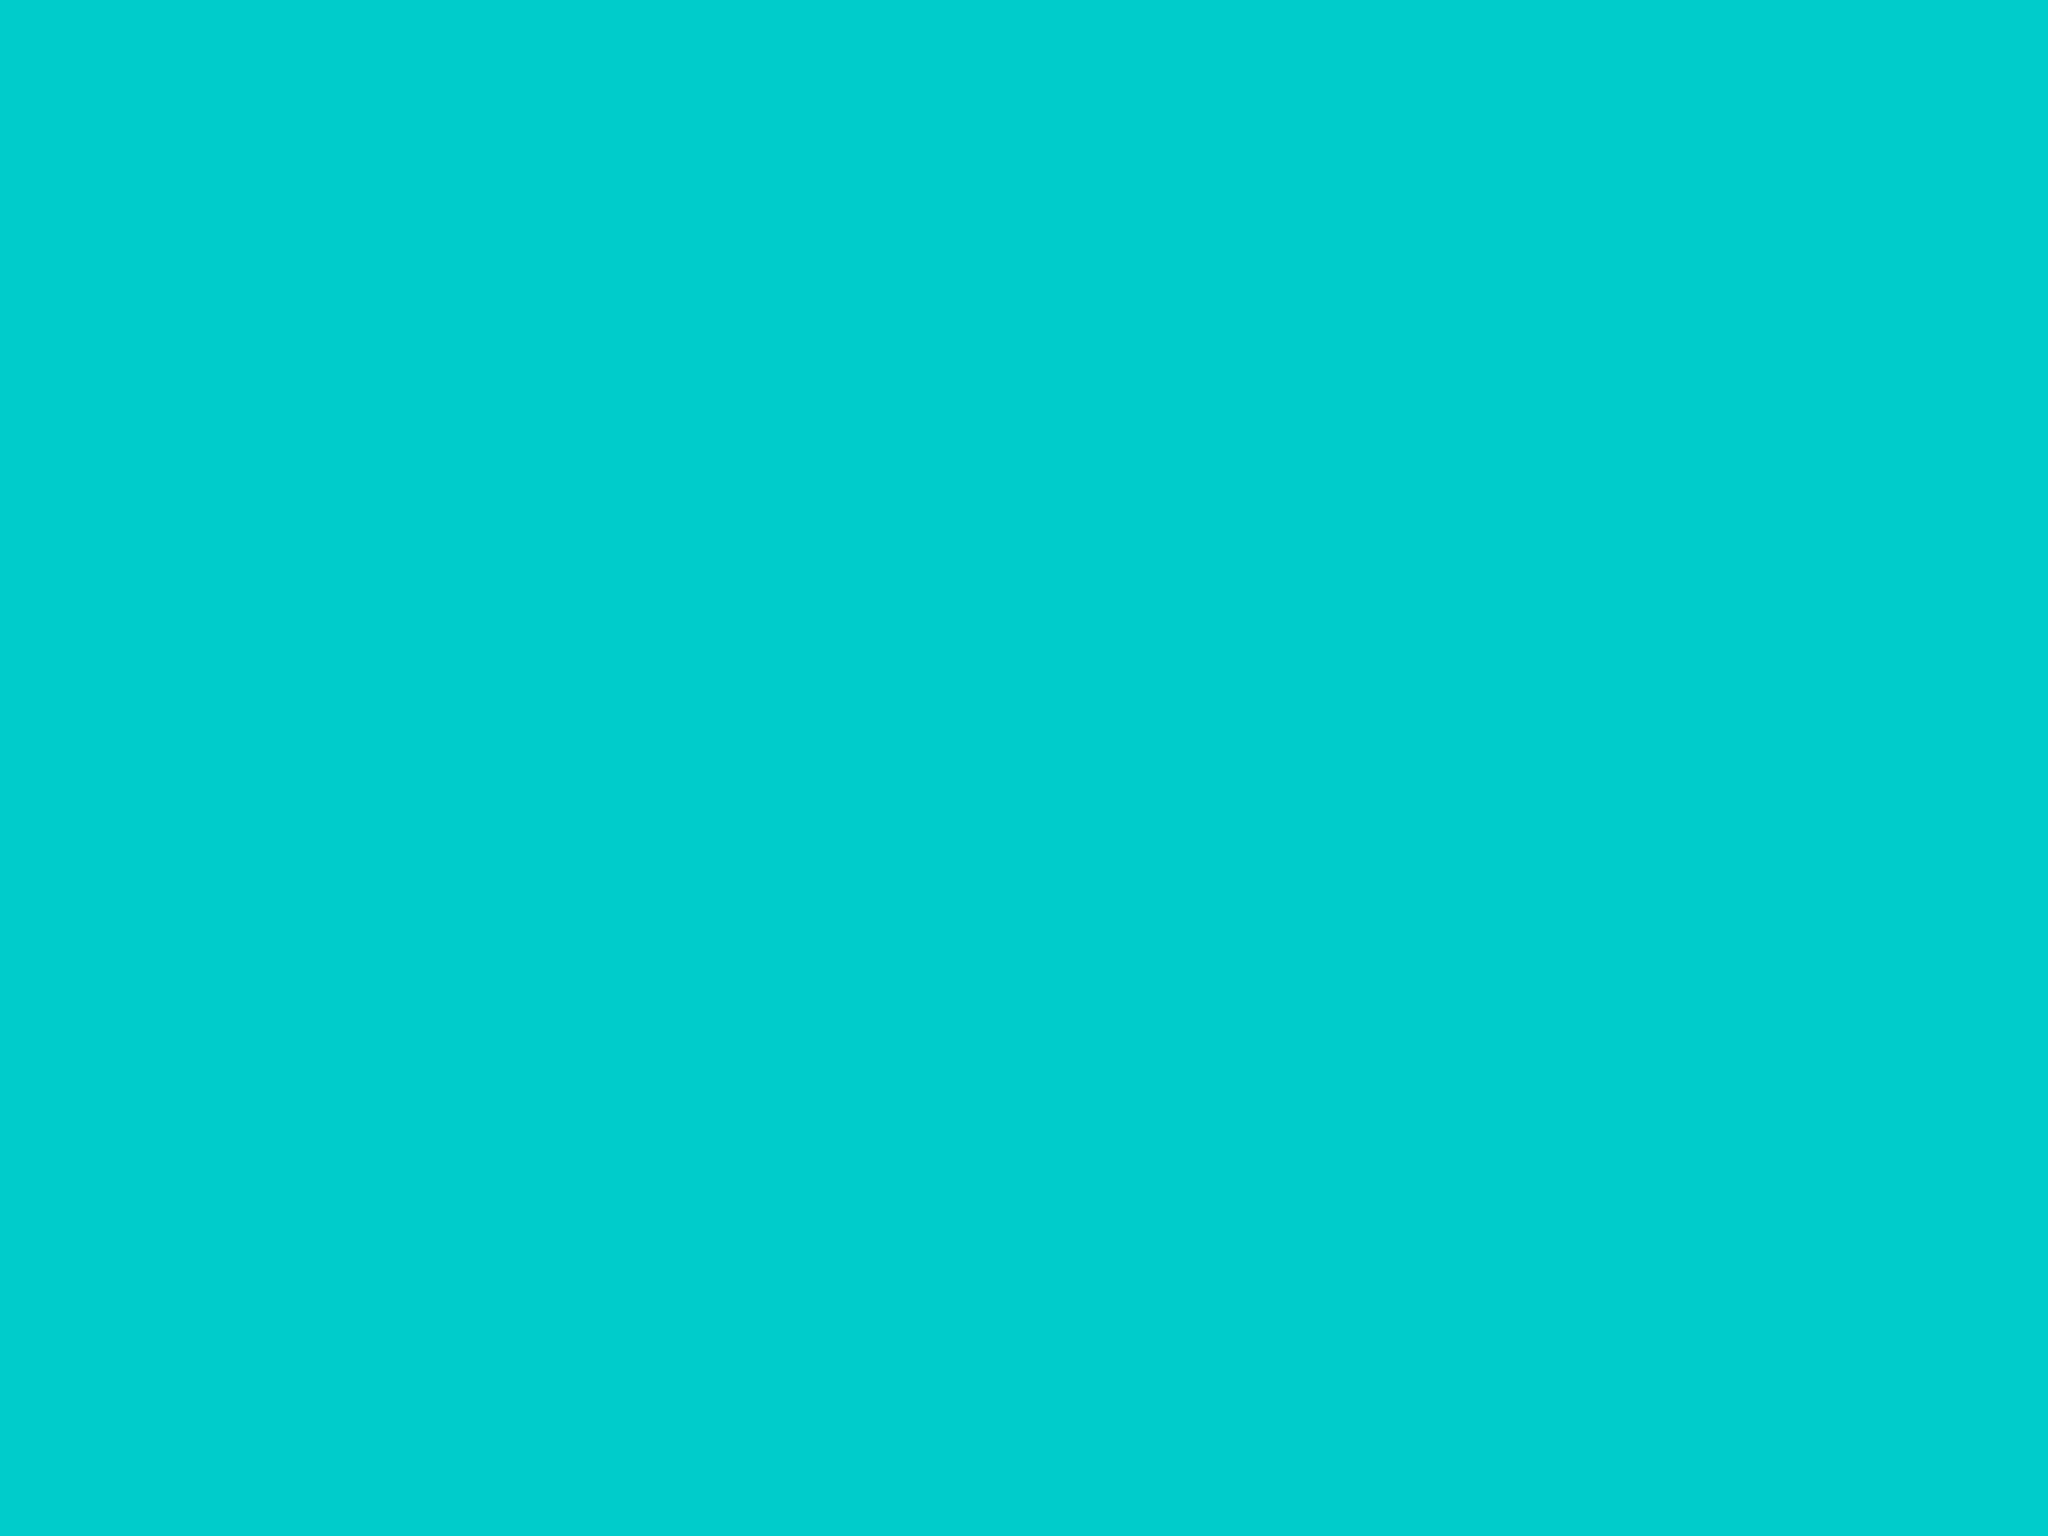 2048x1536 Robin Egg Blue Solid Color Background